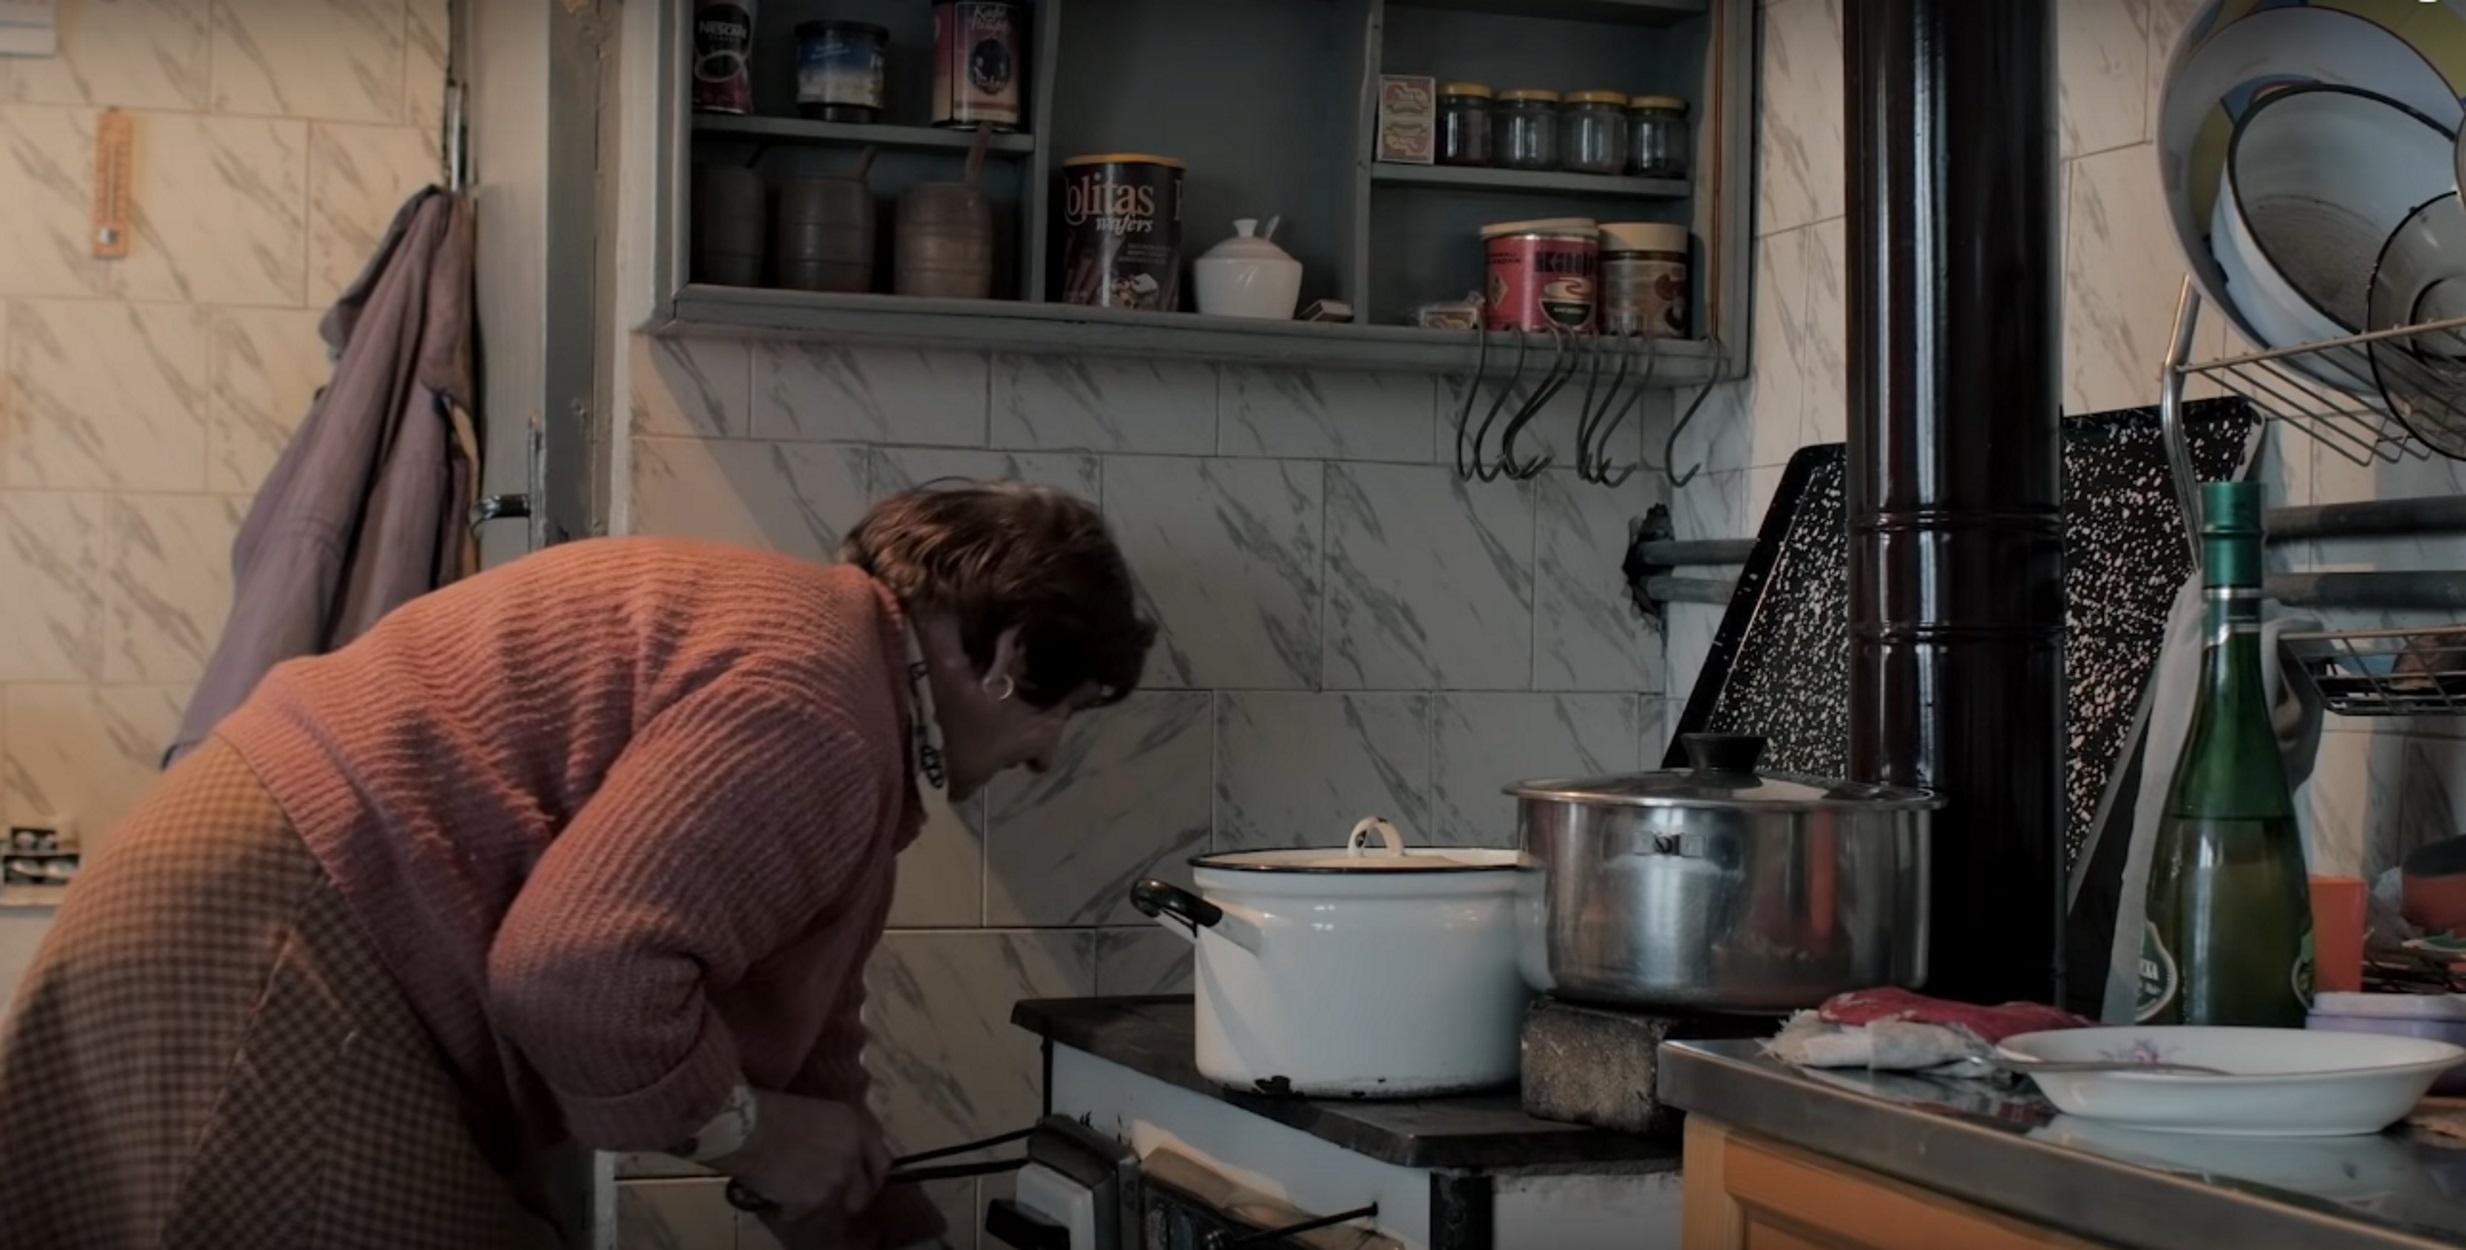 Βουλγαρία: Στο όριο της φτώχειας περίπου 2,3 εκατομμύρια άνθρωποι! video